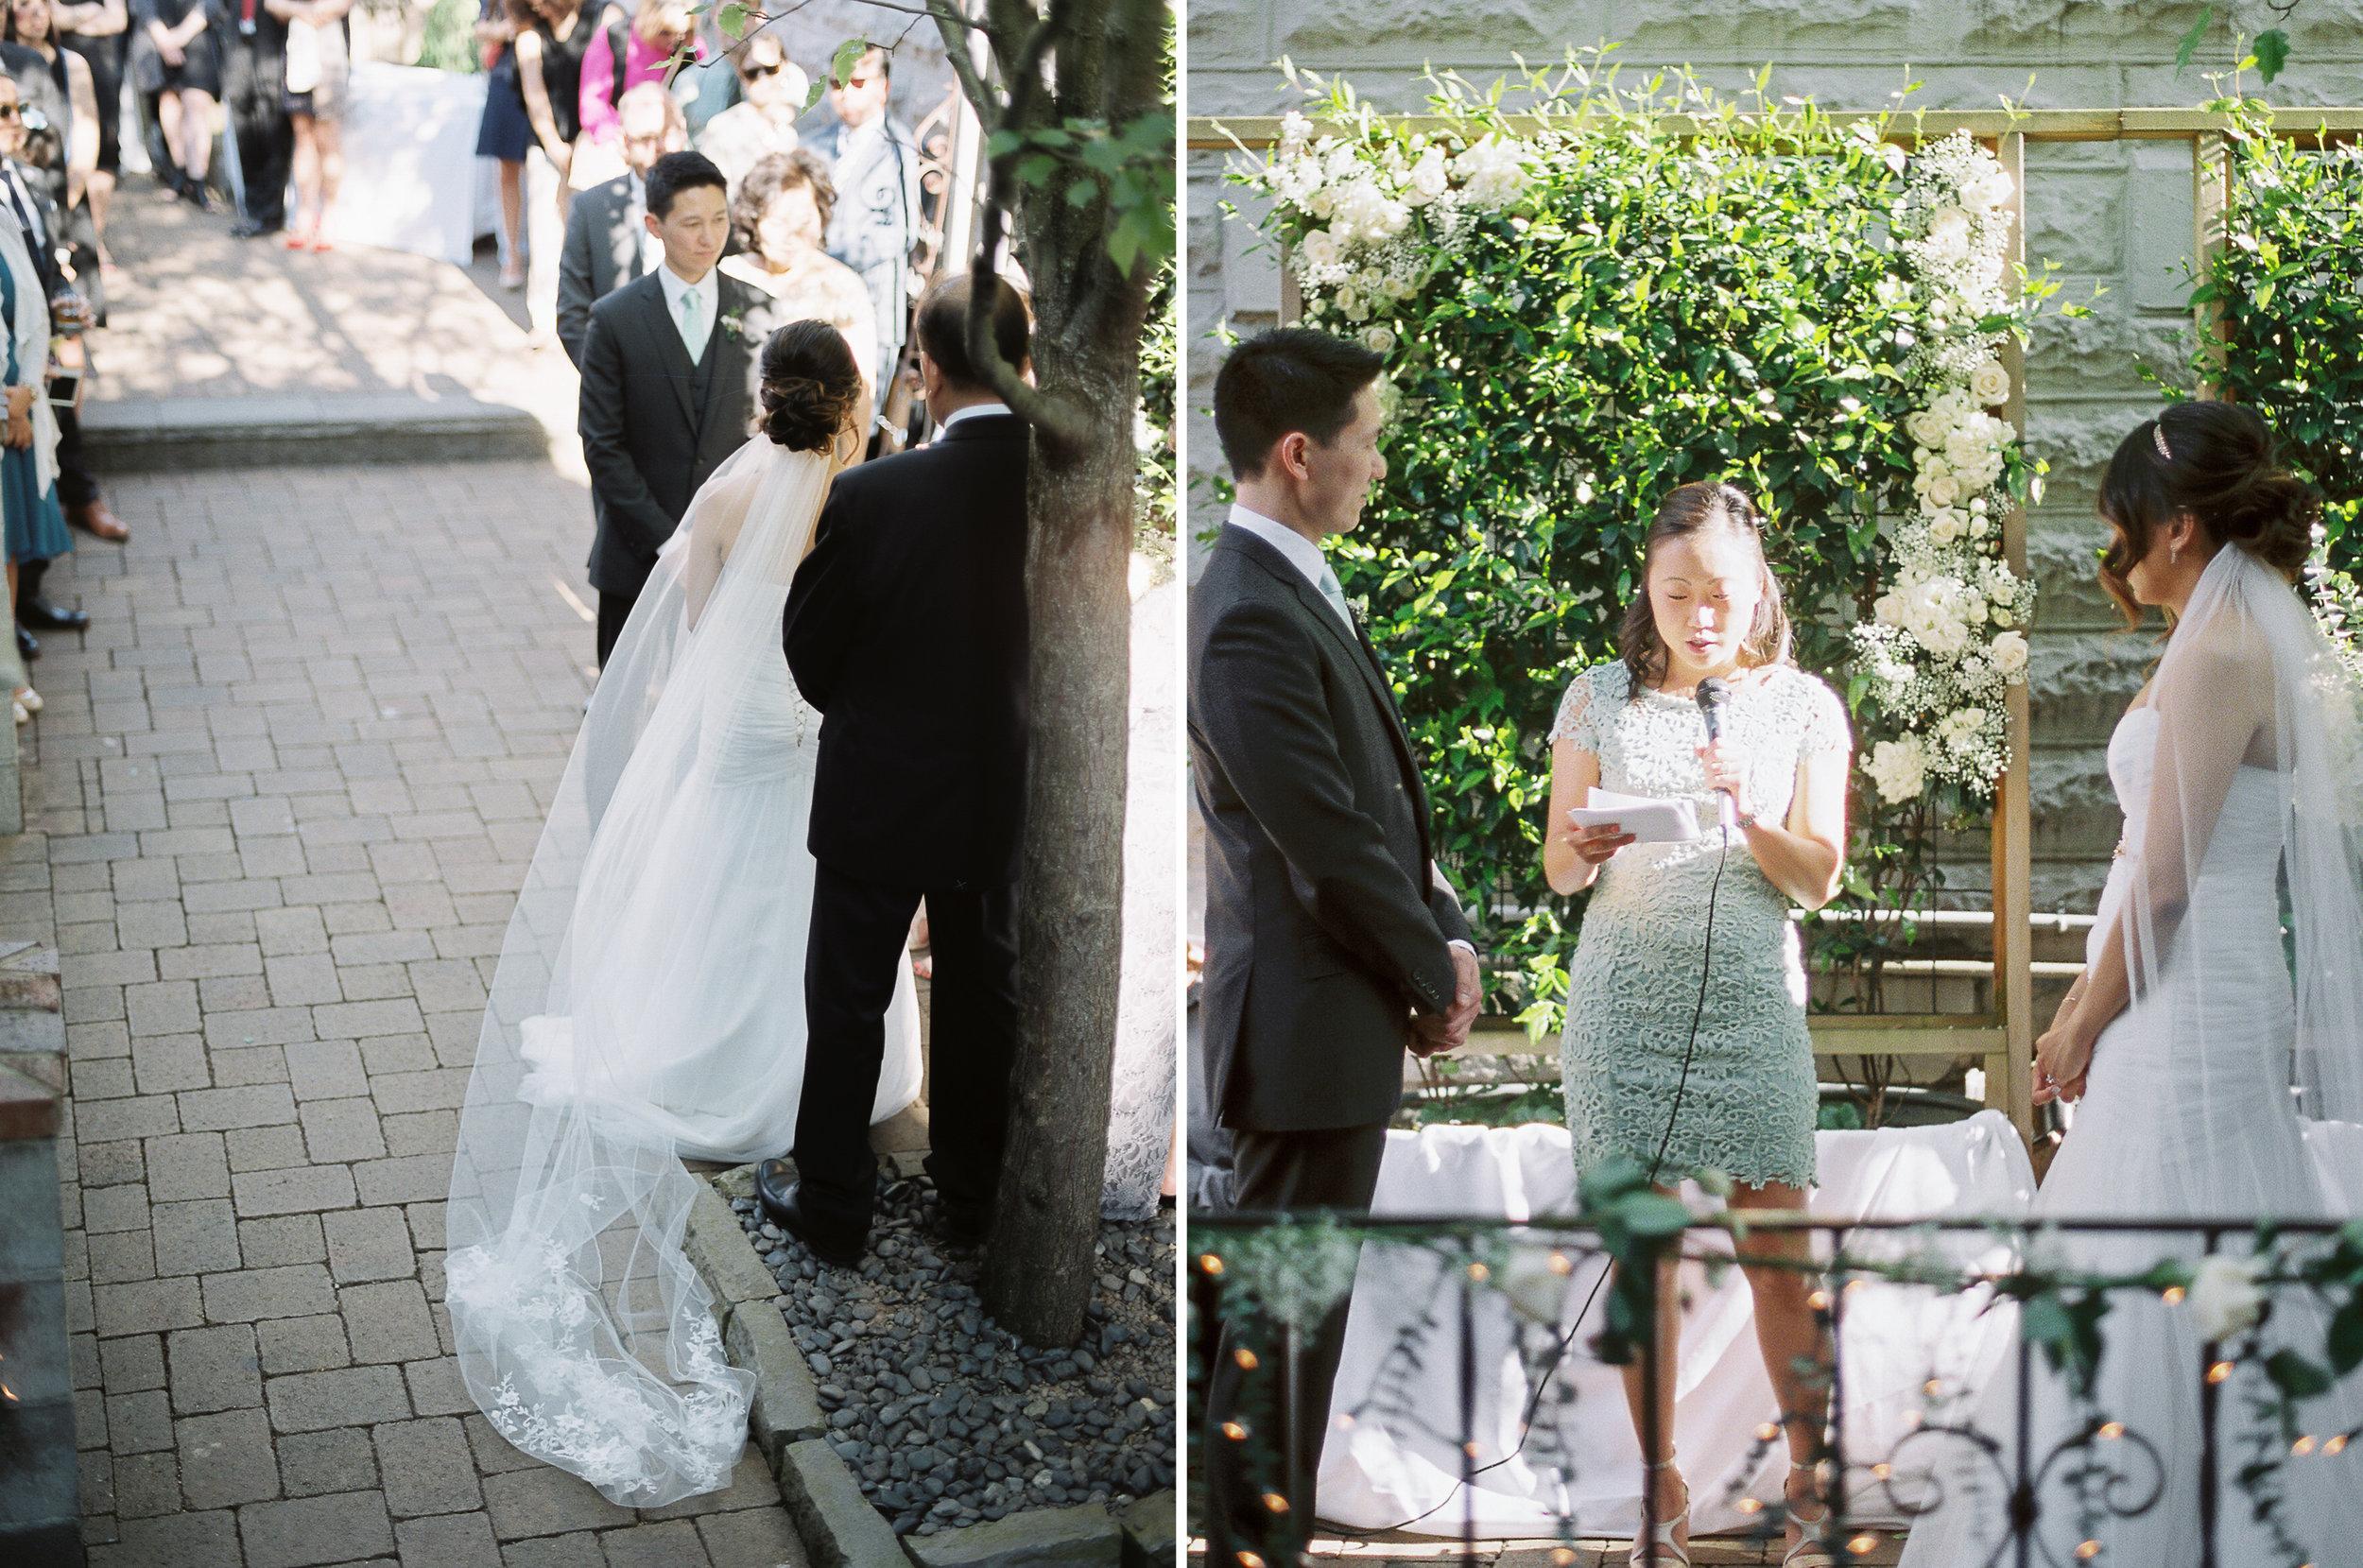 opal-28-urban-portland-greenery-wedding-16.jpg